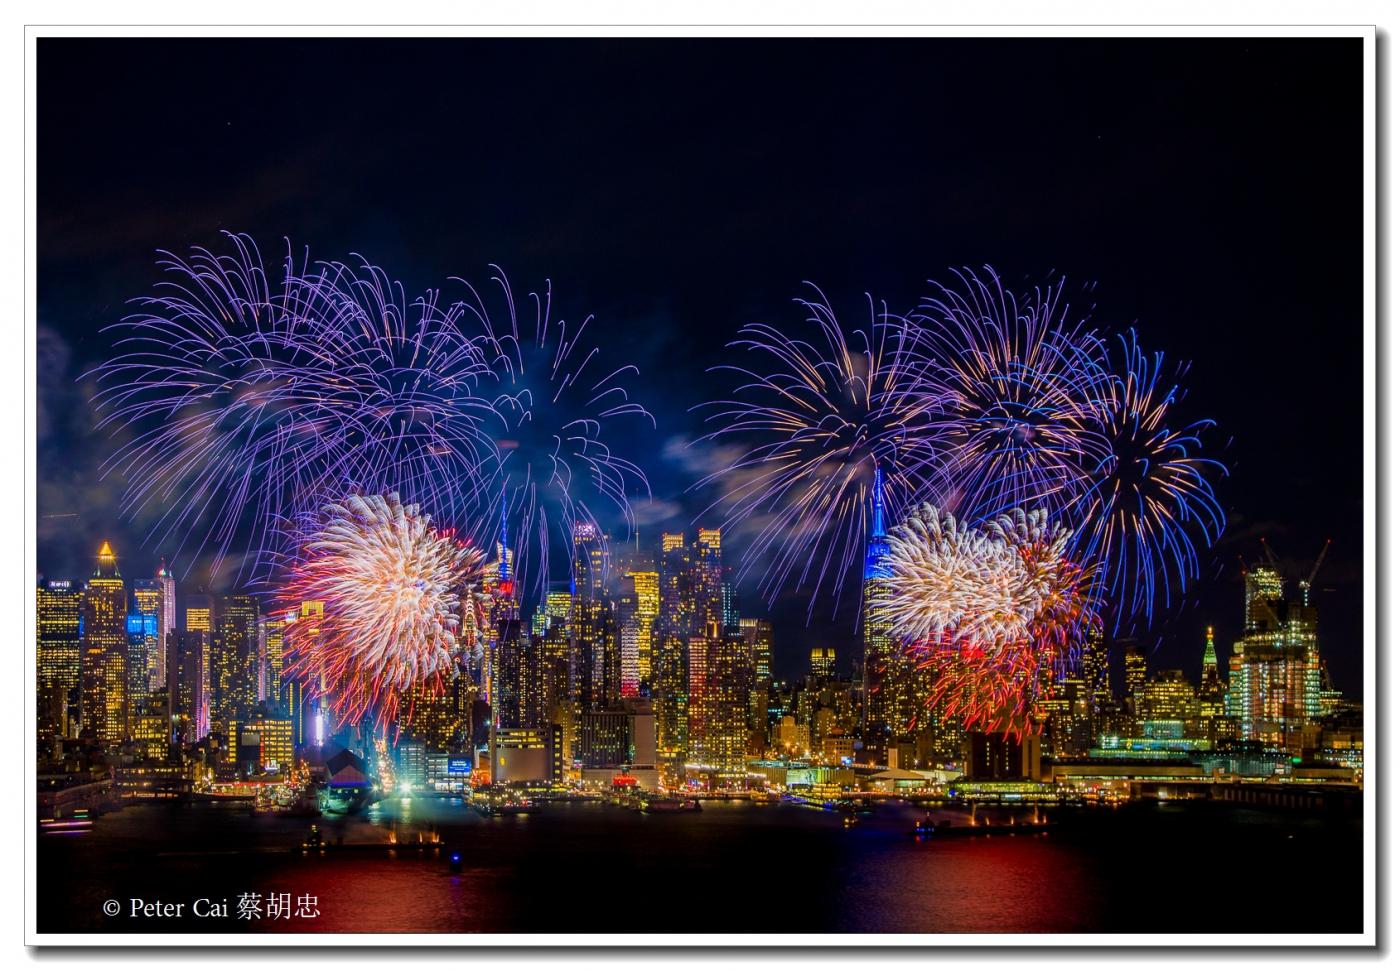 为庆祝中国新年, 纽约昨天晚上盛放焰火_图1-1